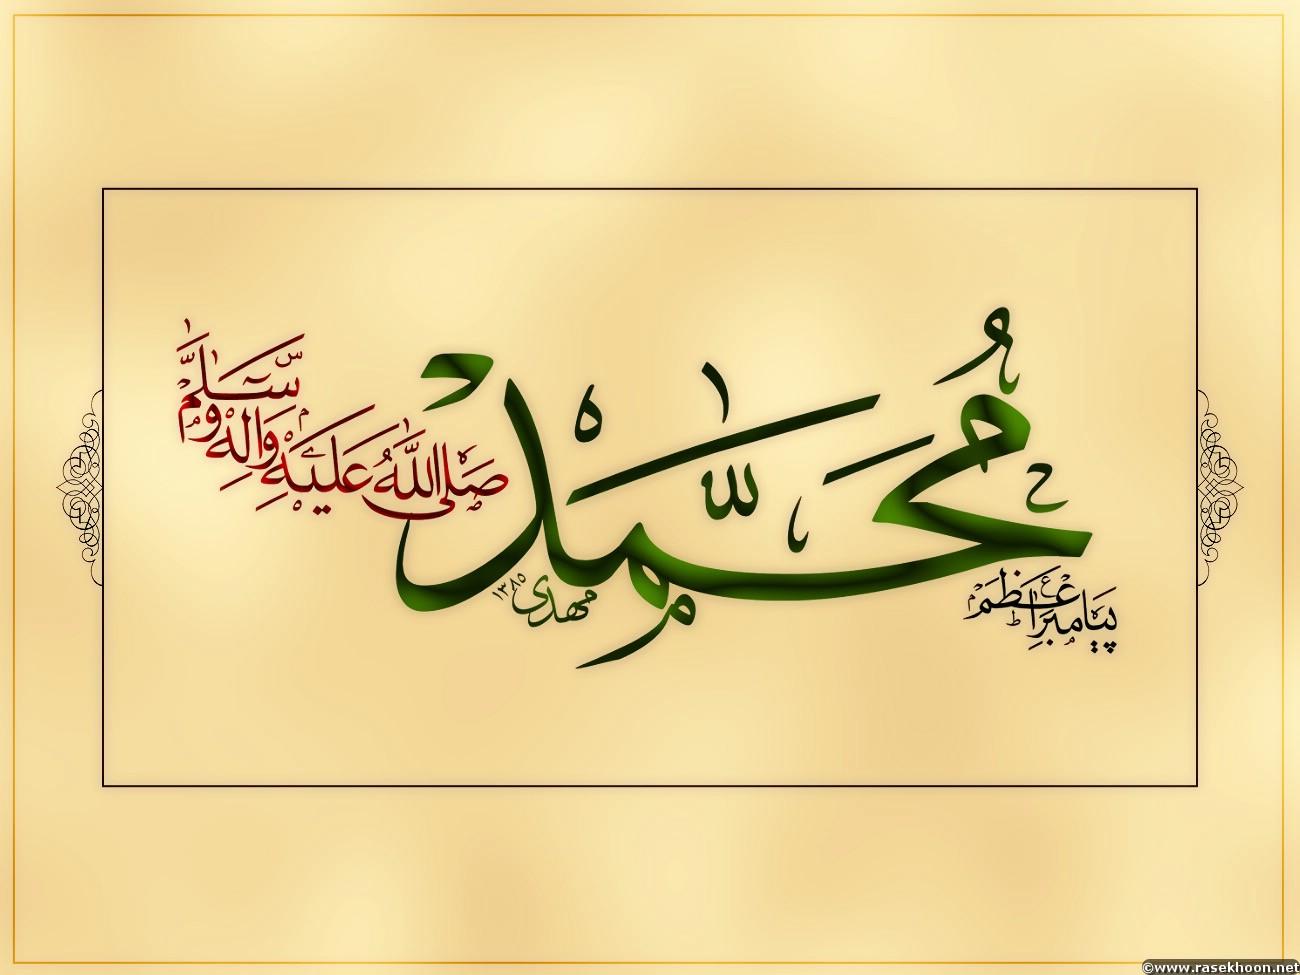 حضرت محمد صلی الله علیه